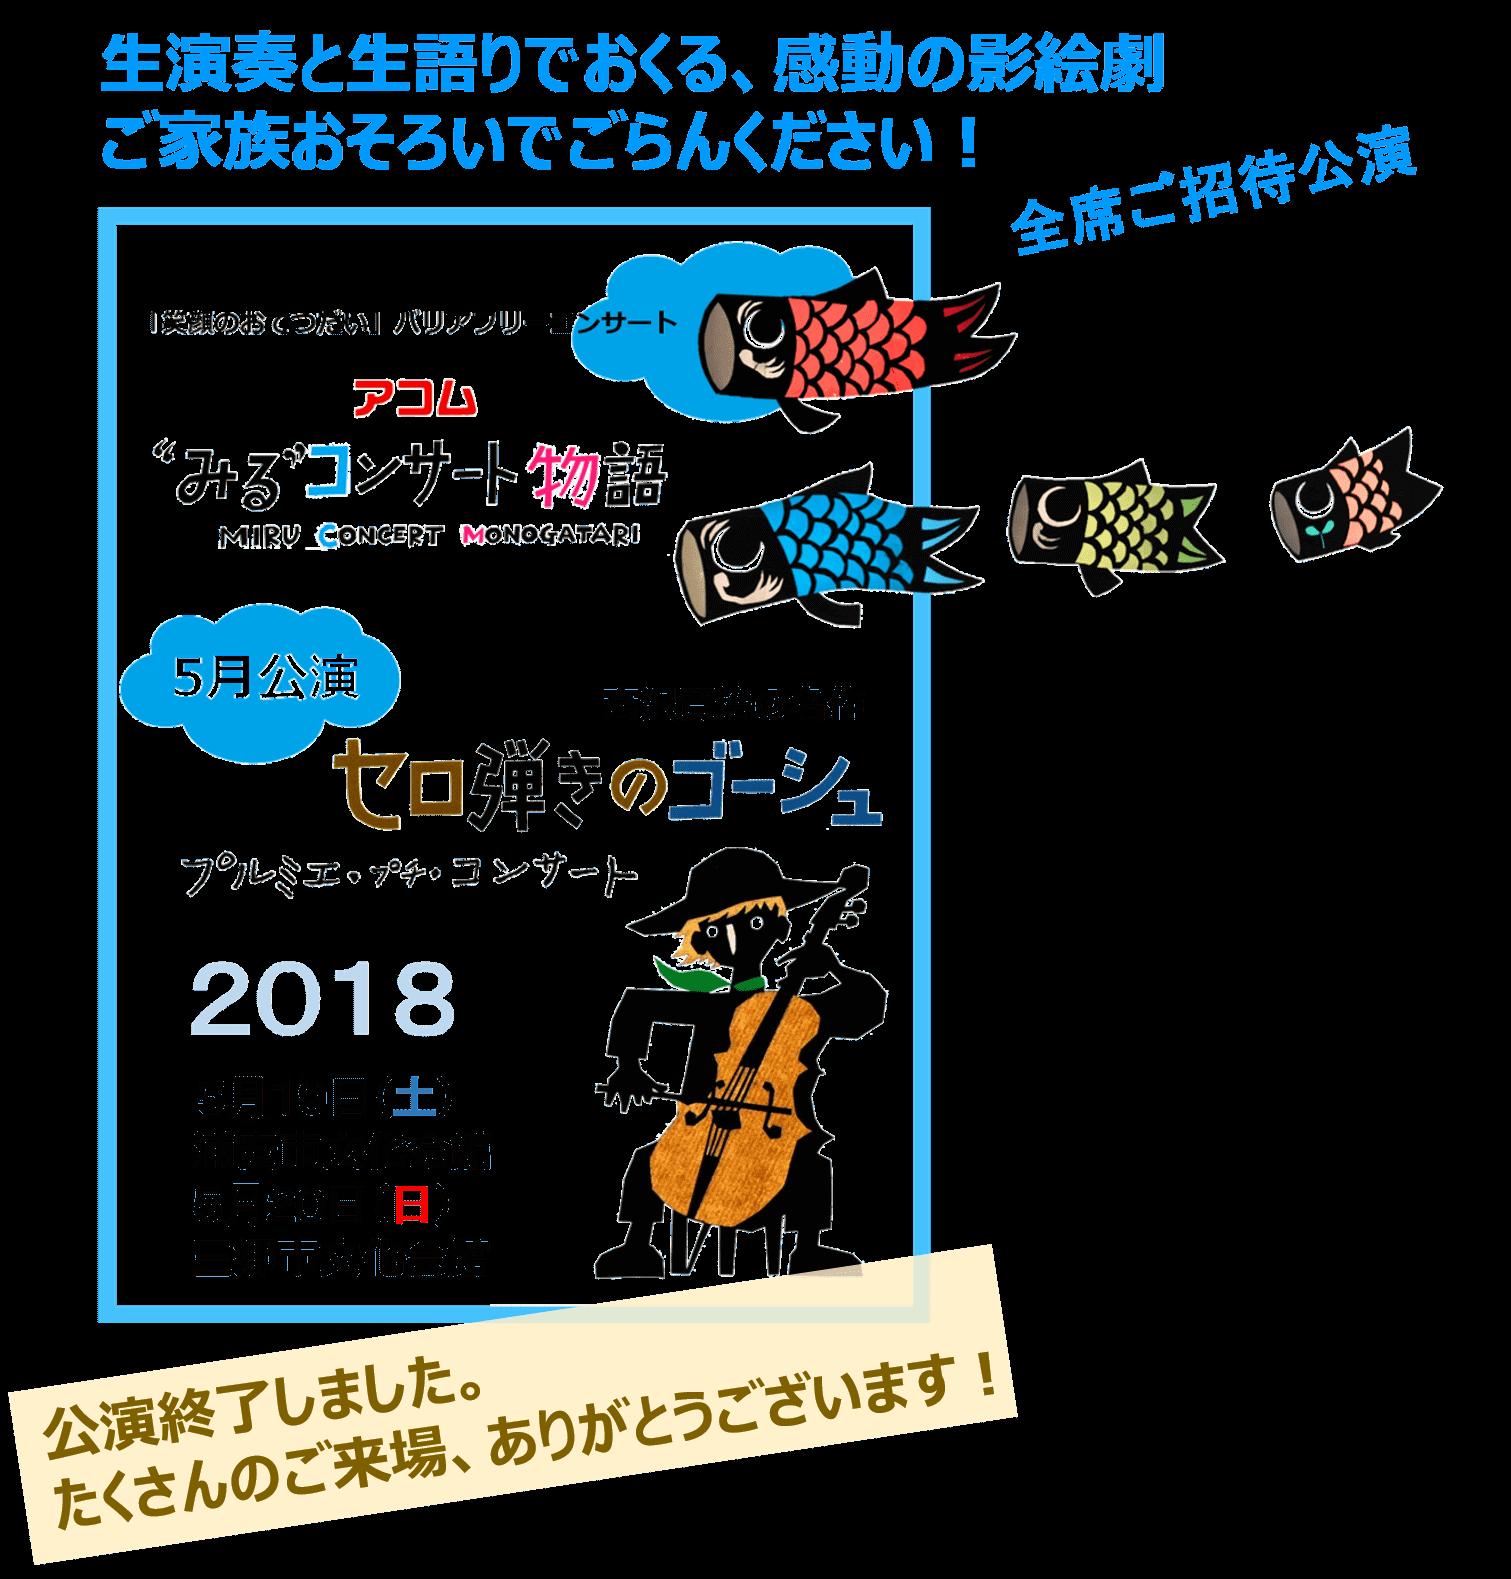 みるコンサート物語 5月公演-min (1)